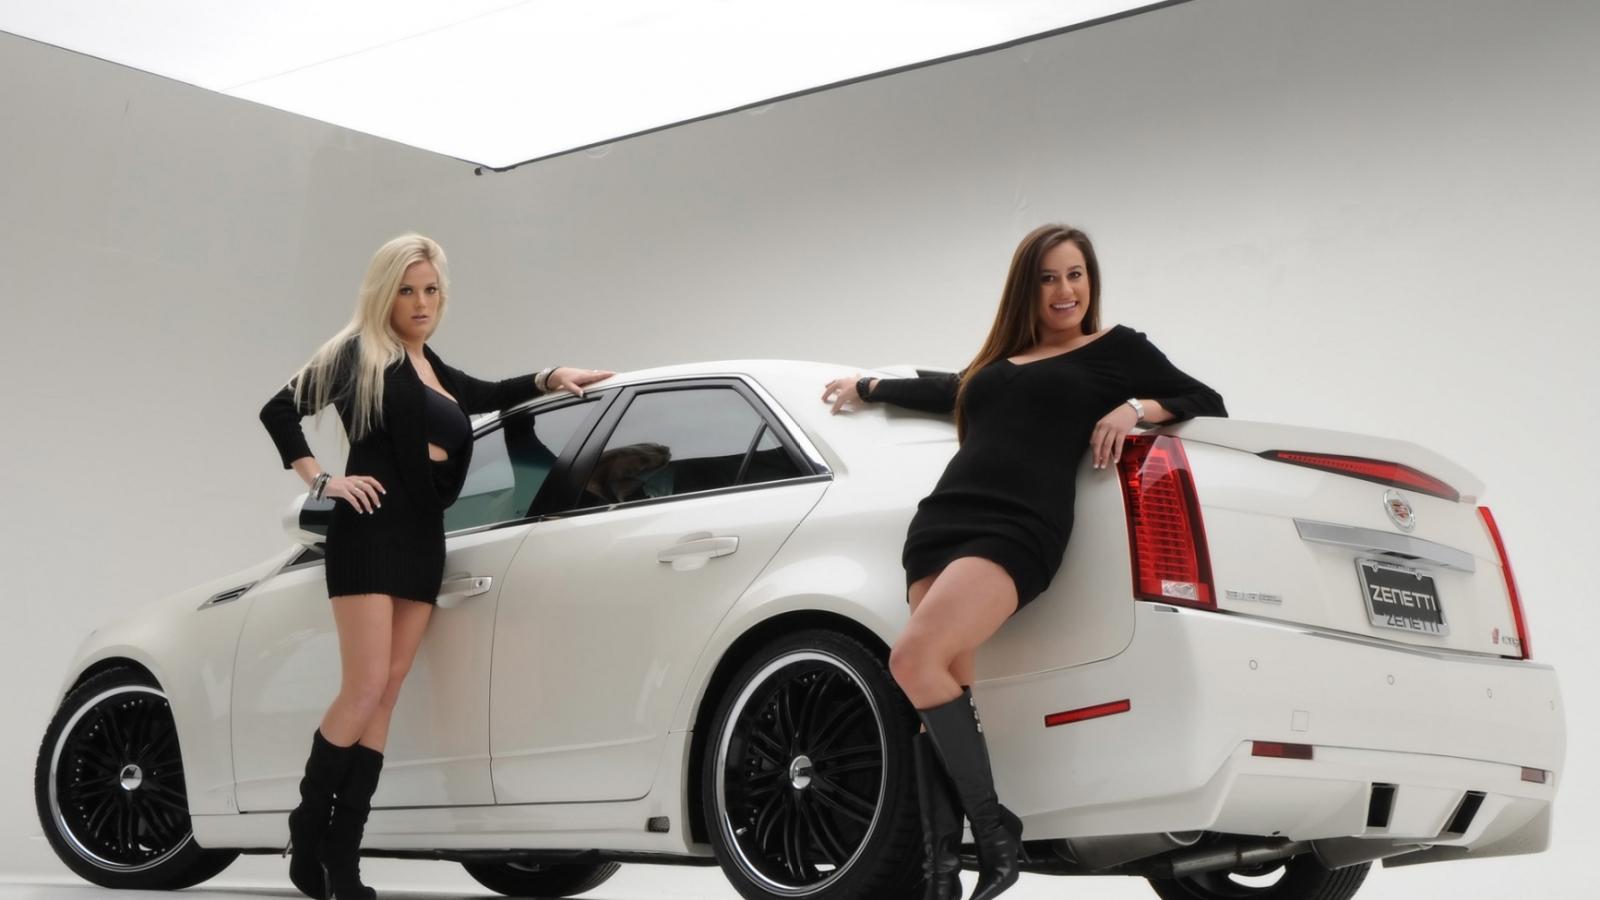 Chicas y Cadillac - 1600x900